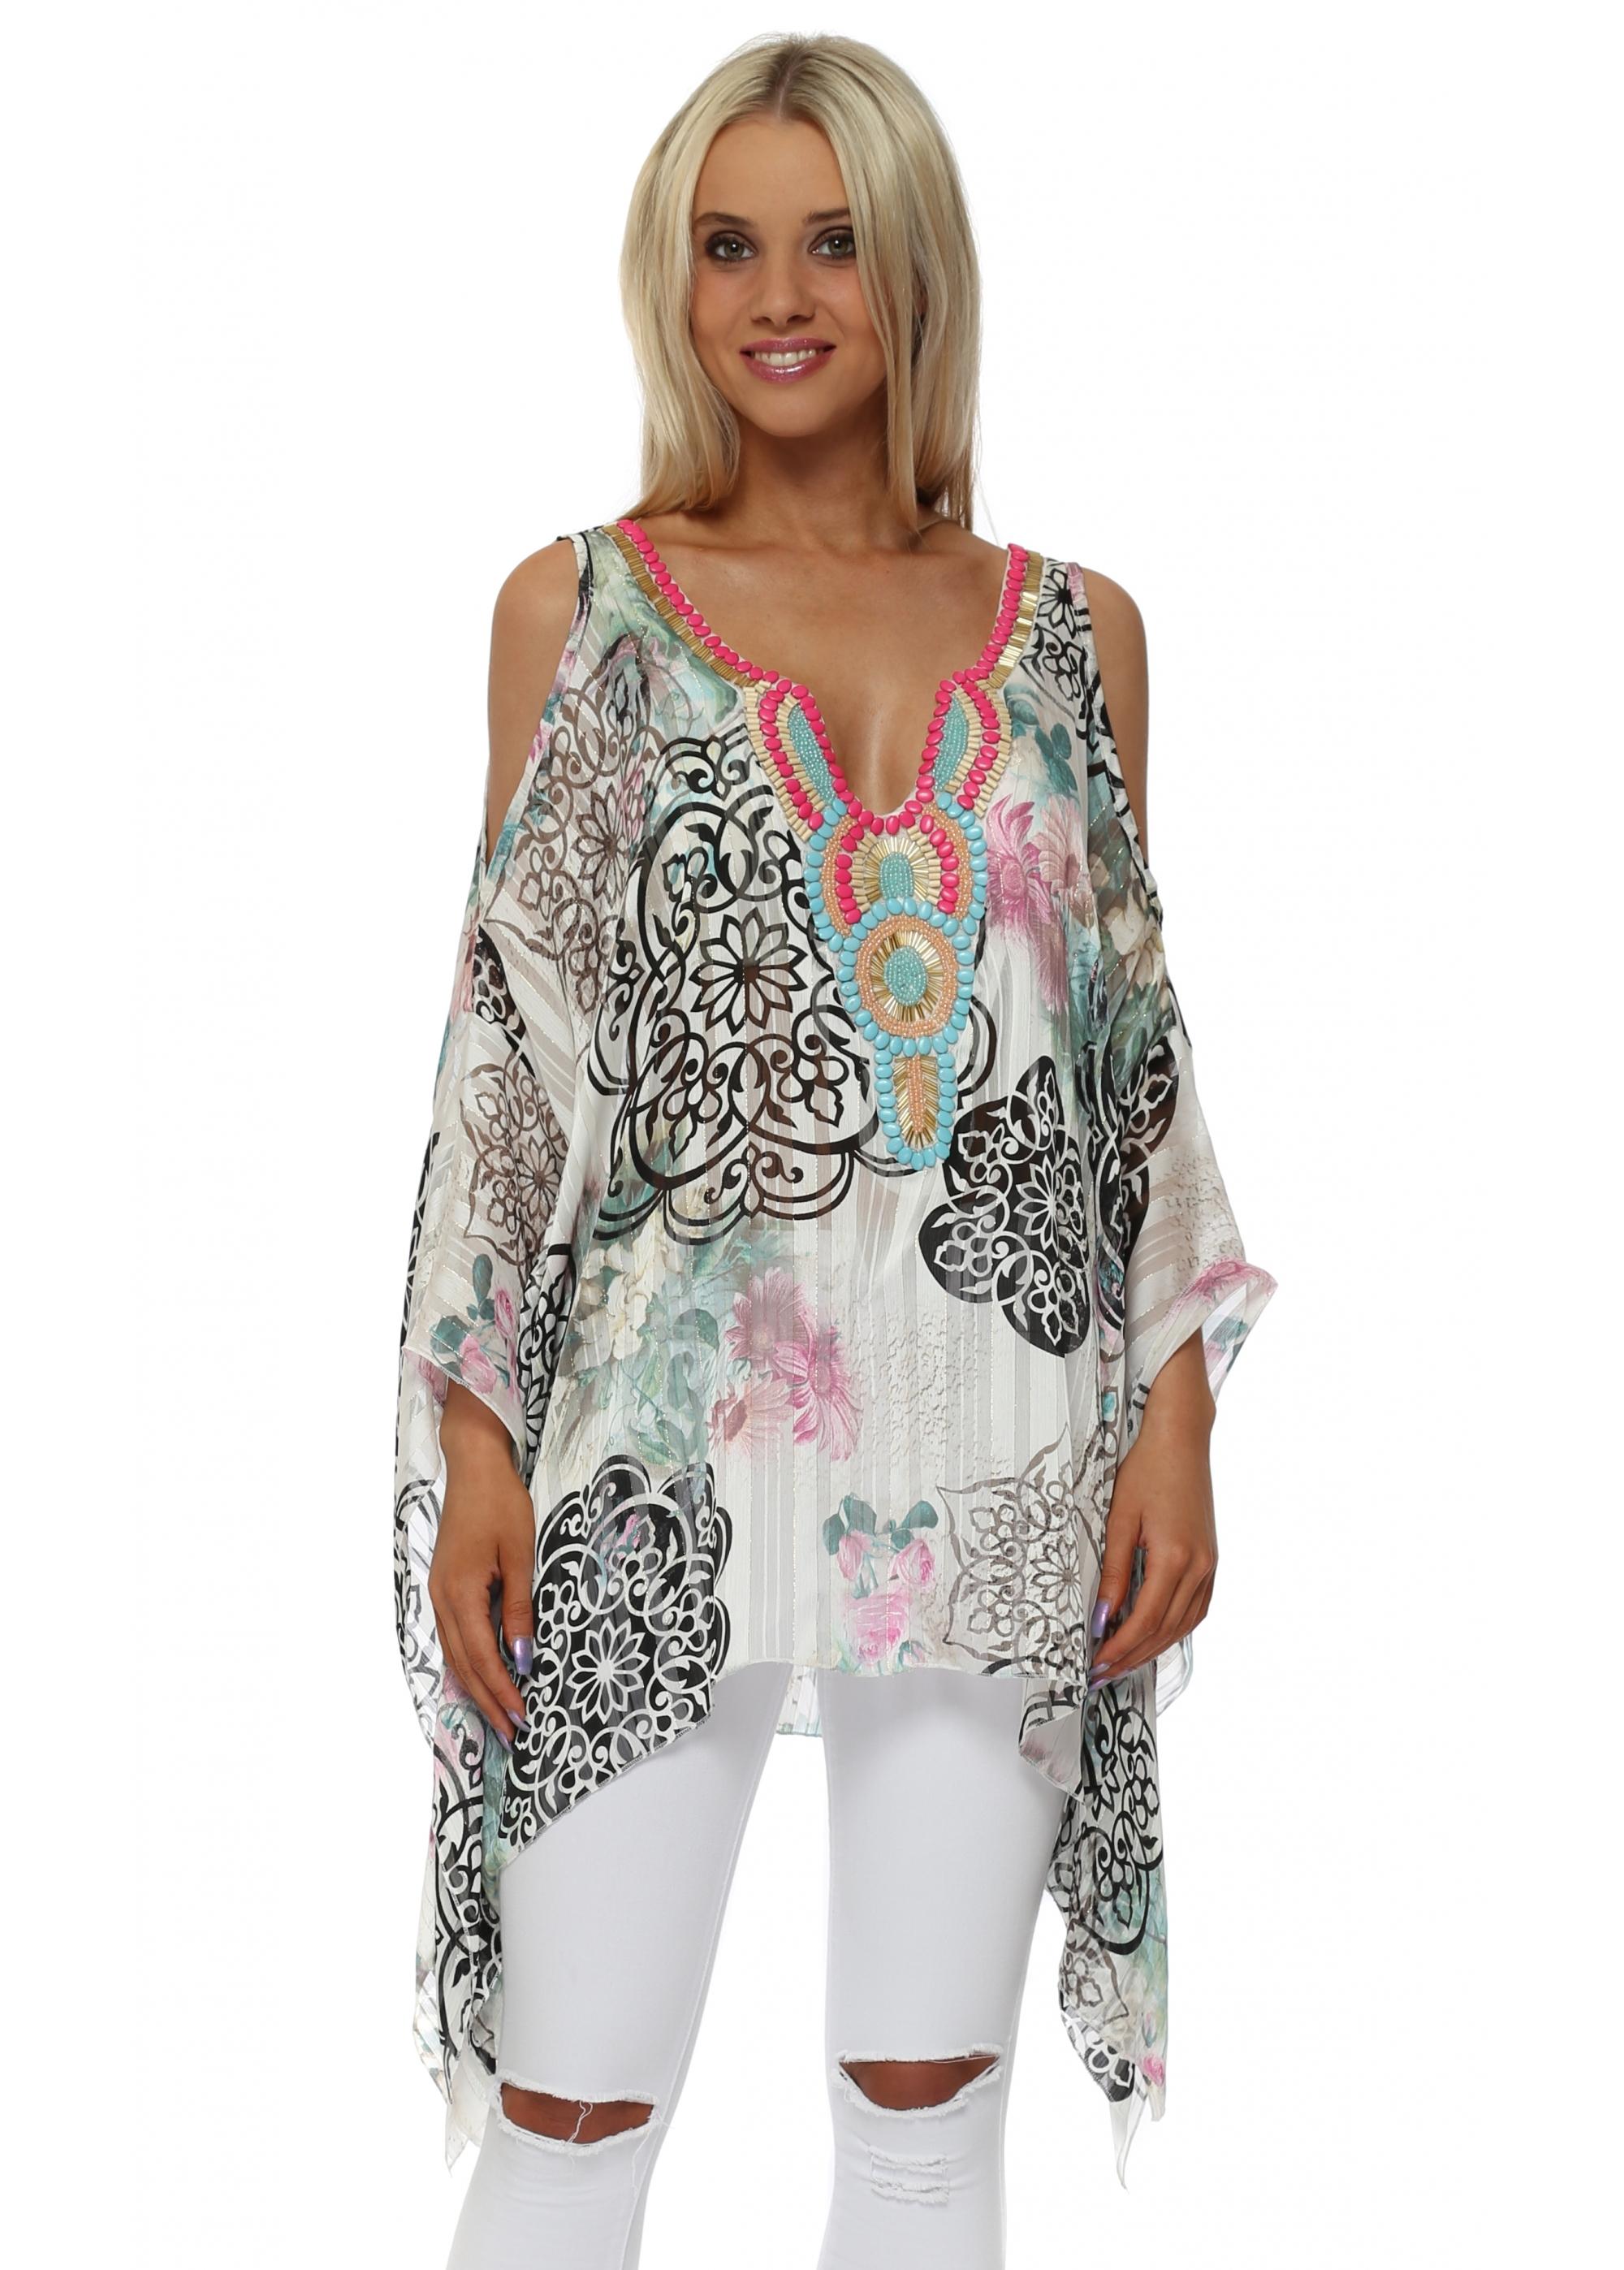 6663d61cb5223 Floral Print Embellished Cold Shoulder Kaftan Top